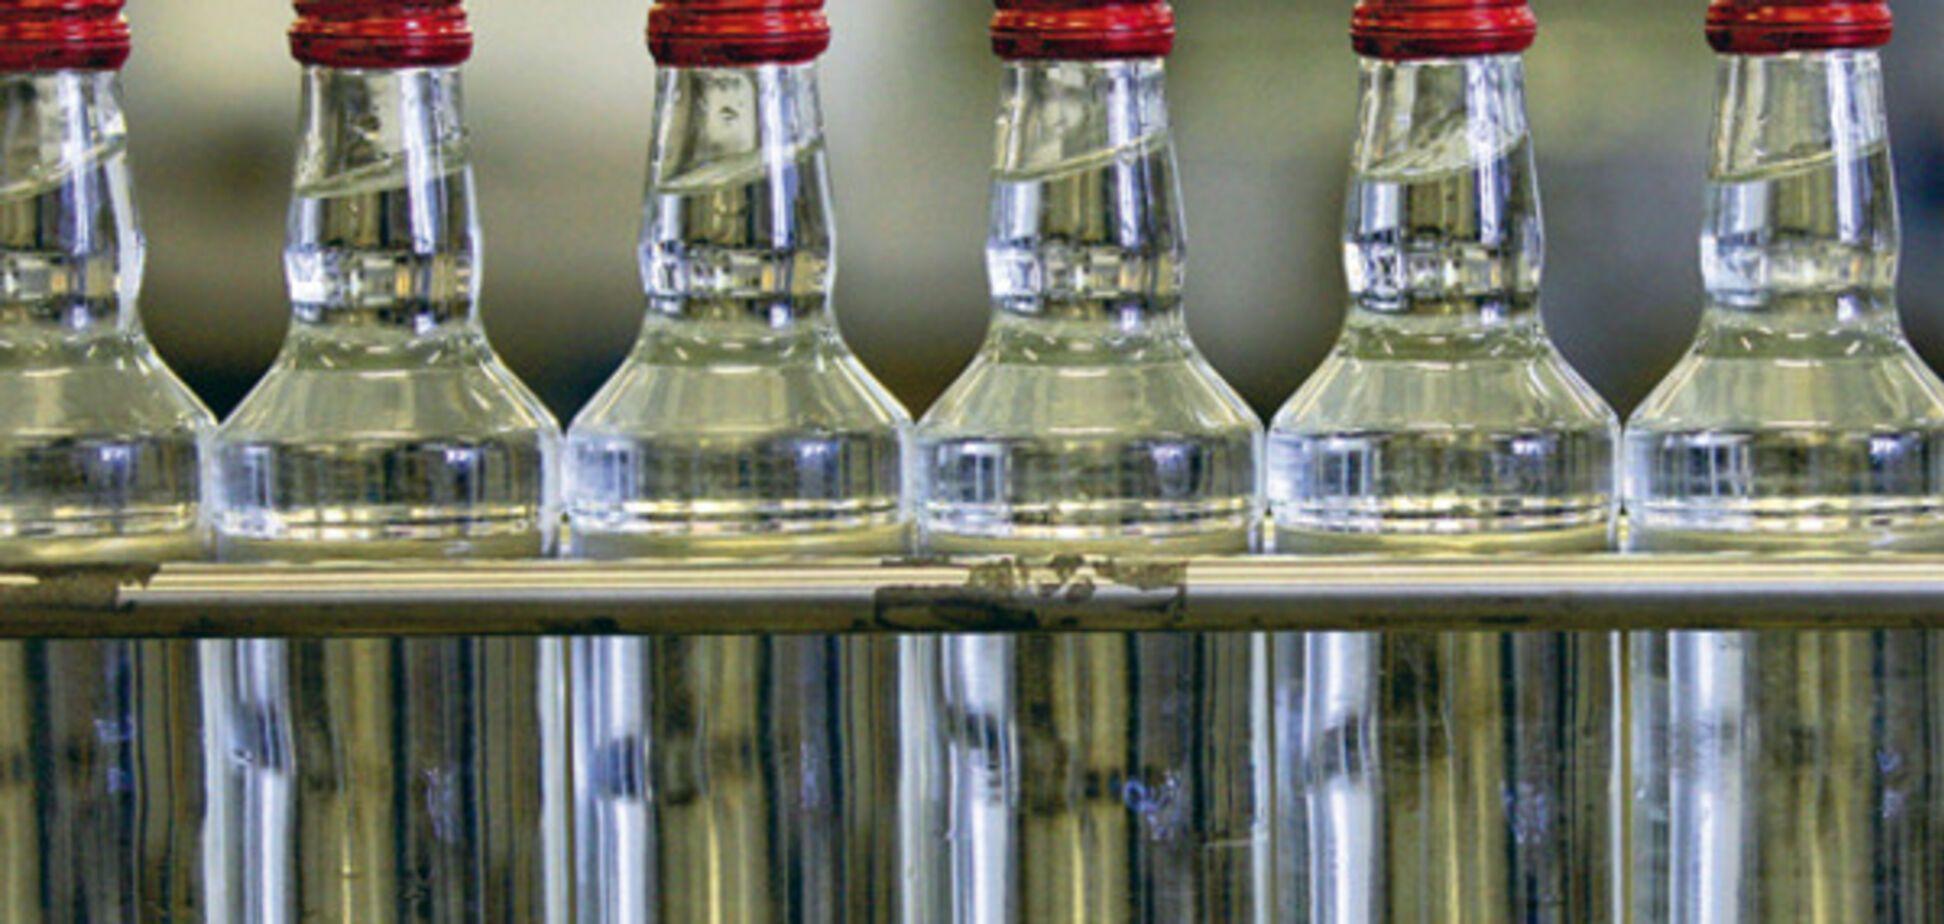 Производители поддержали повышение минимальных цен на алкоголь